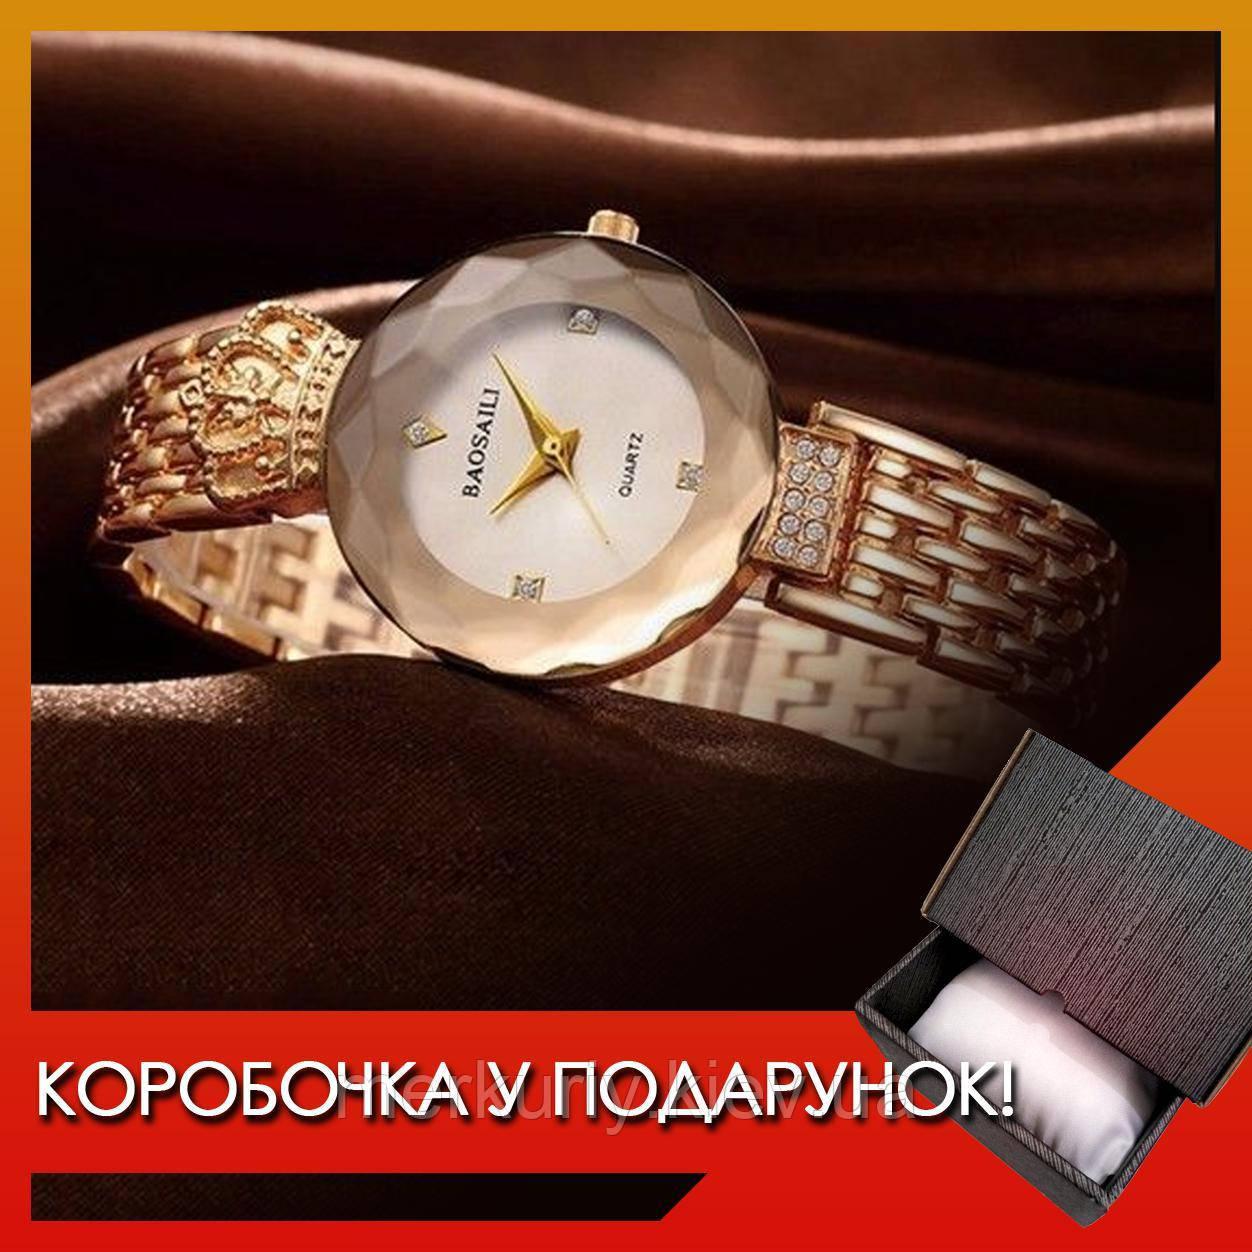 Стильные женские кварцевые часы Baosaili баосали баосаили baosali